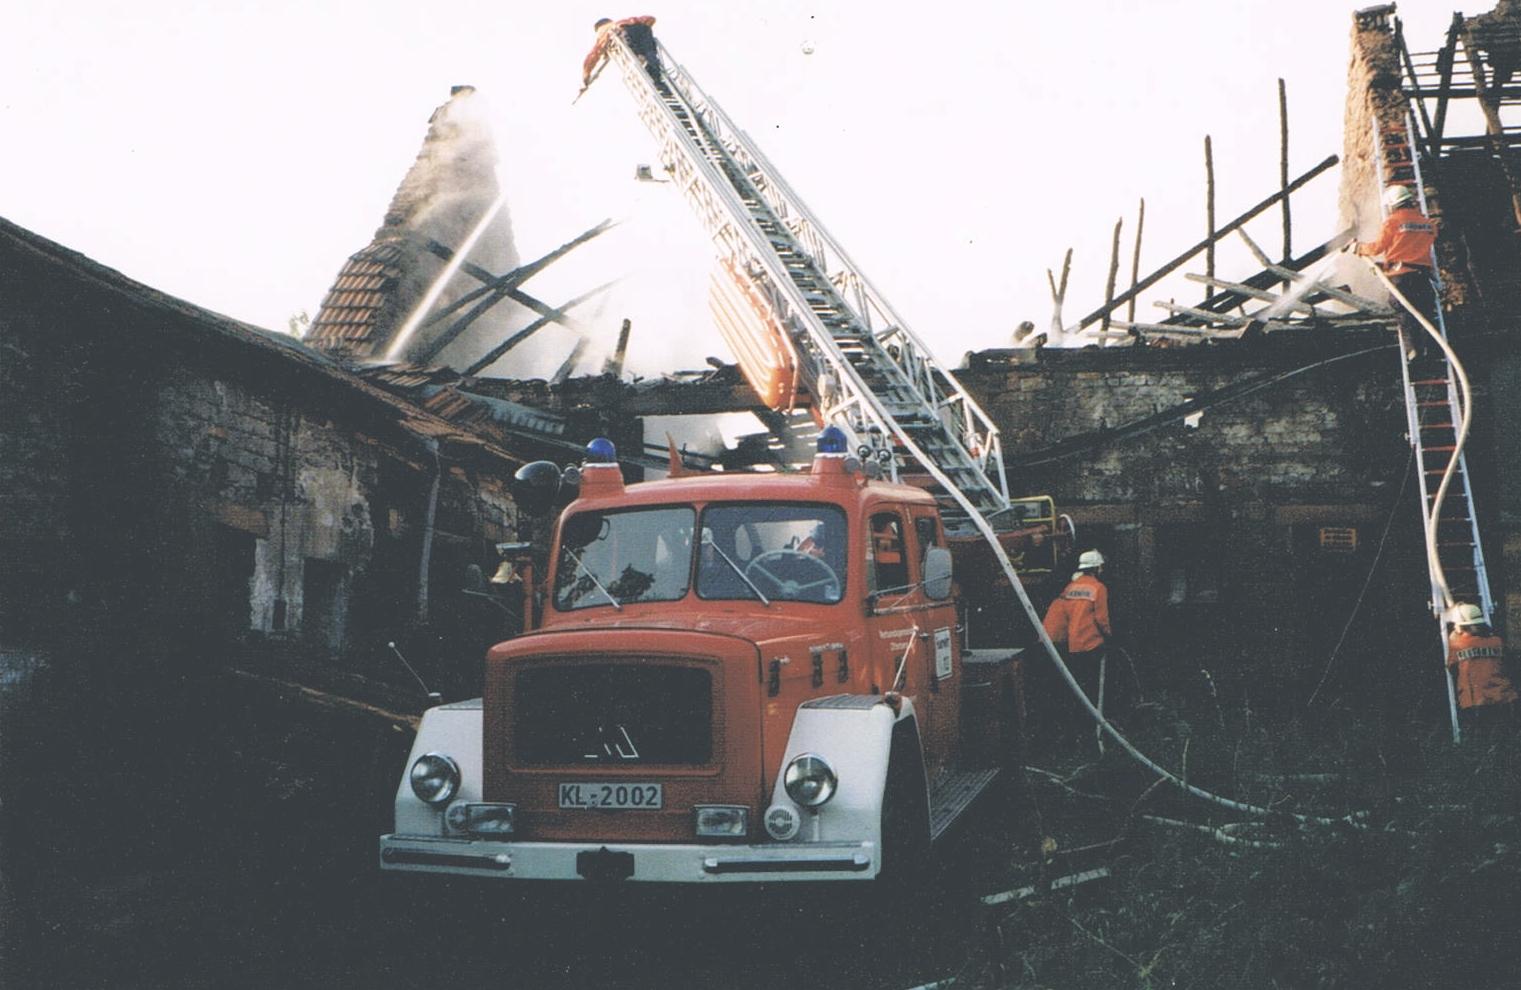 Die Drehleiter im Einsatz. Das Bild wurde am 4. Juni 1997 auf dem Münchschwanderhof bei Otterberg aufgenommen. Damals brannte die Scheune eines ehemals landwirtschaftlichen Anwesens. Bild: Feuerwehr Otterberg